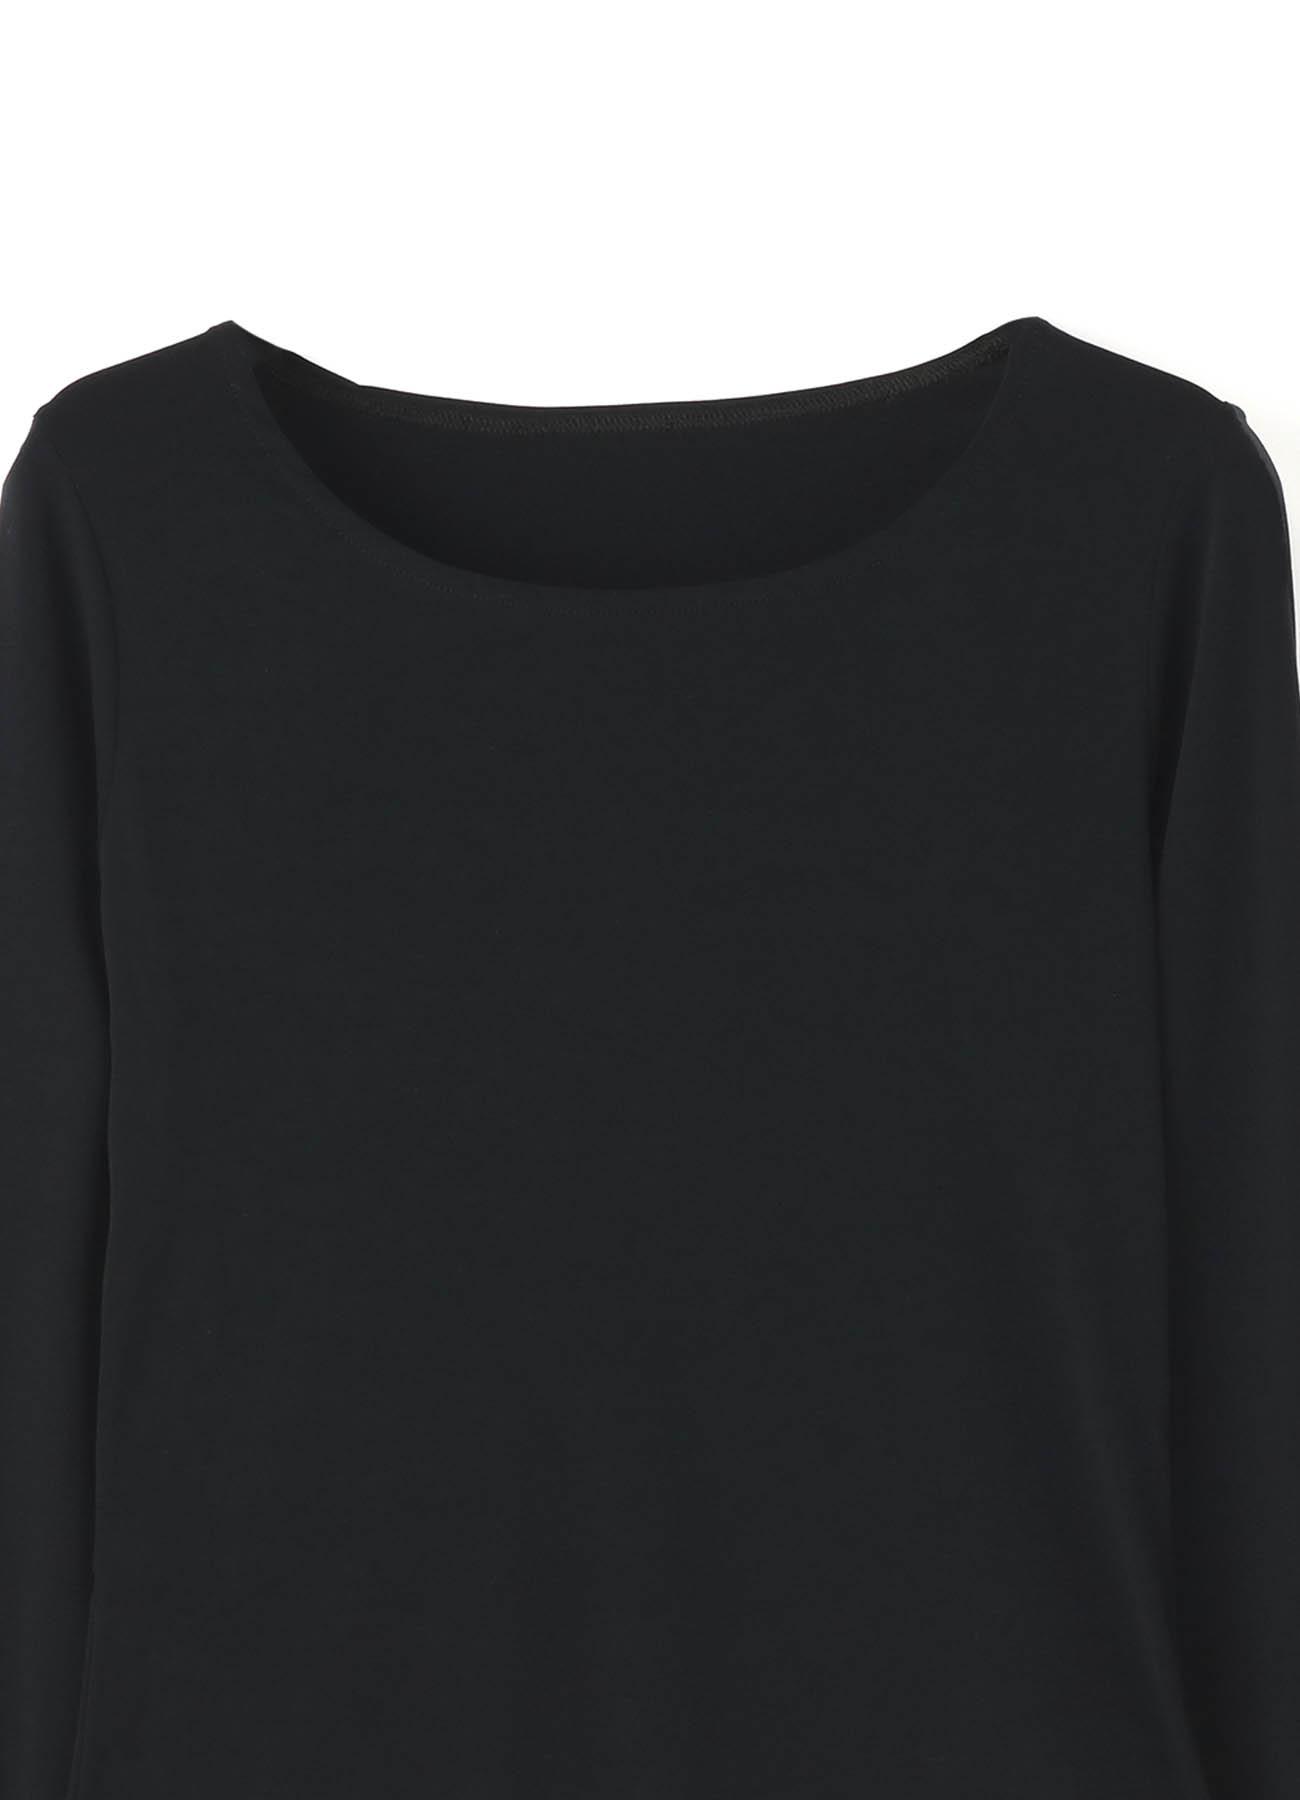 ストレッチ天竺 定番長袖Tシャツ